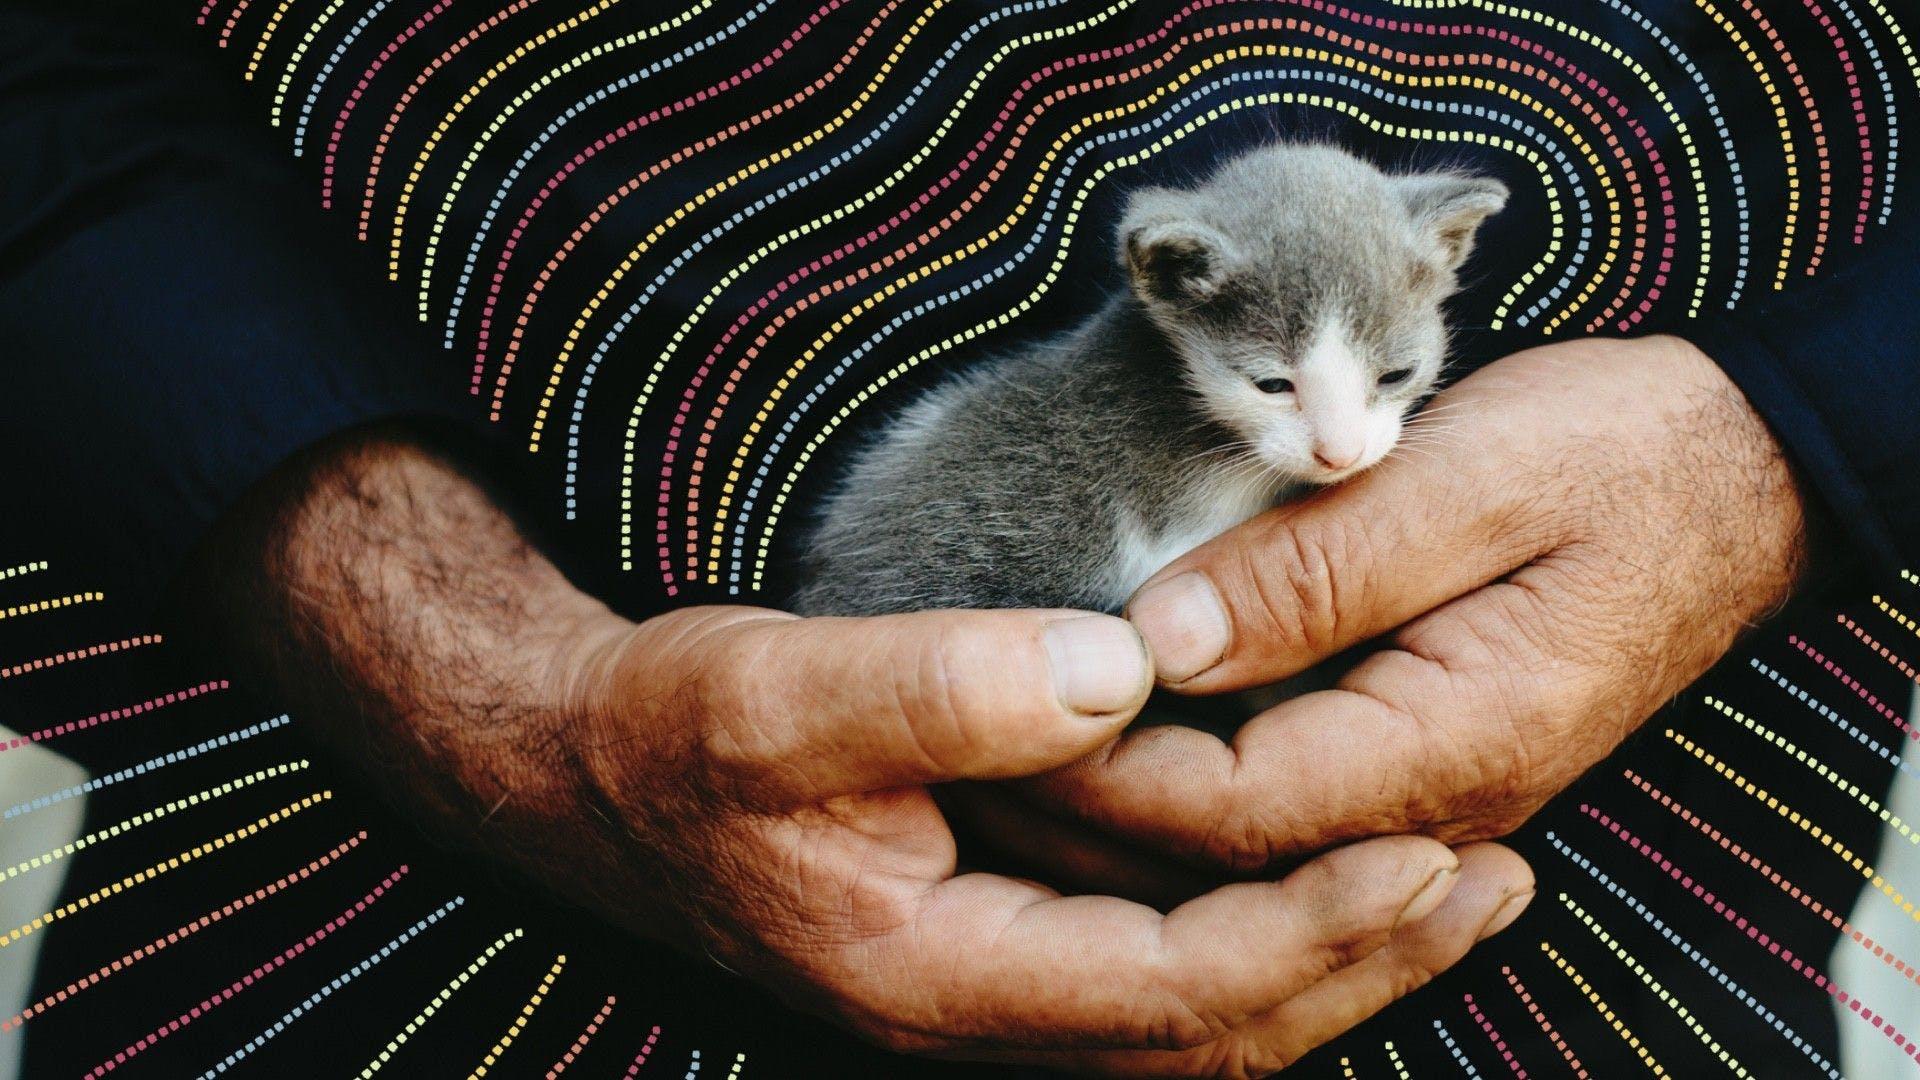 A kittie!